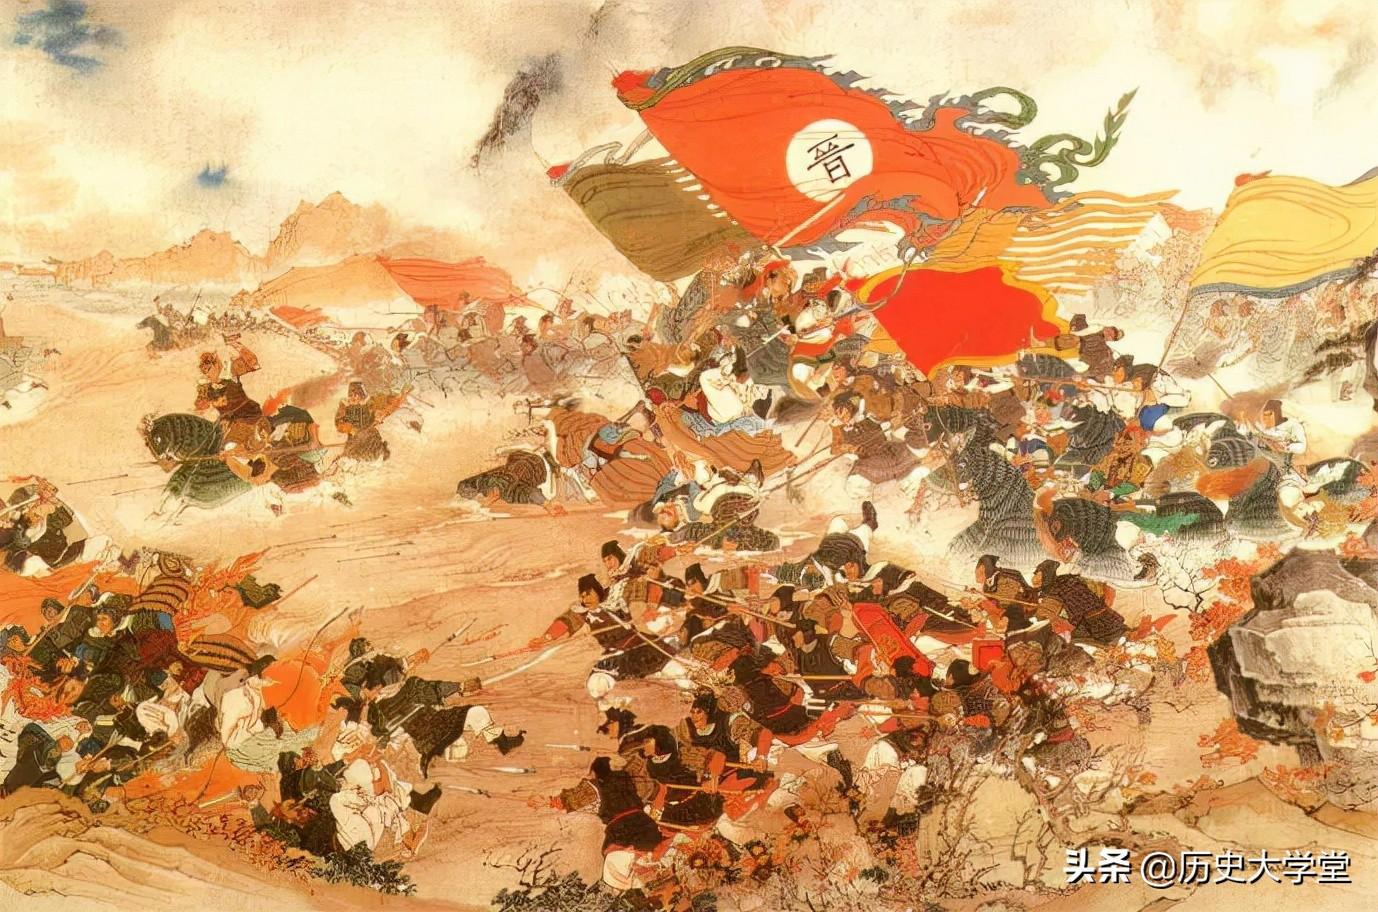 """中国古代史上以少胜多的战役,为什么会""""井喷""""般地出现"""